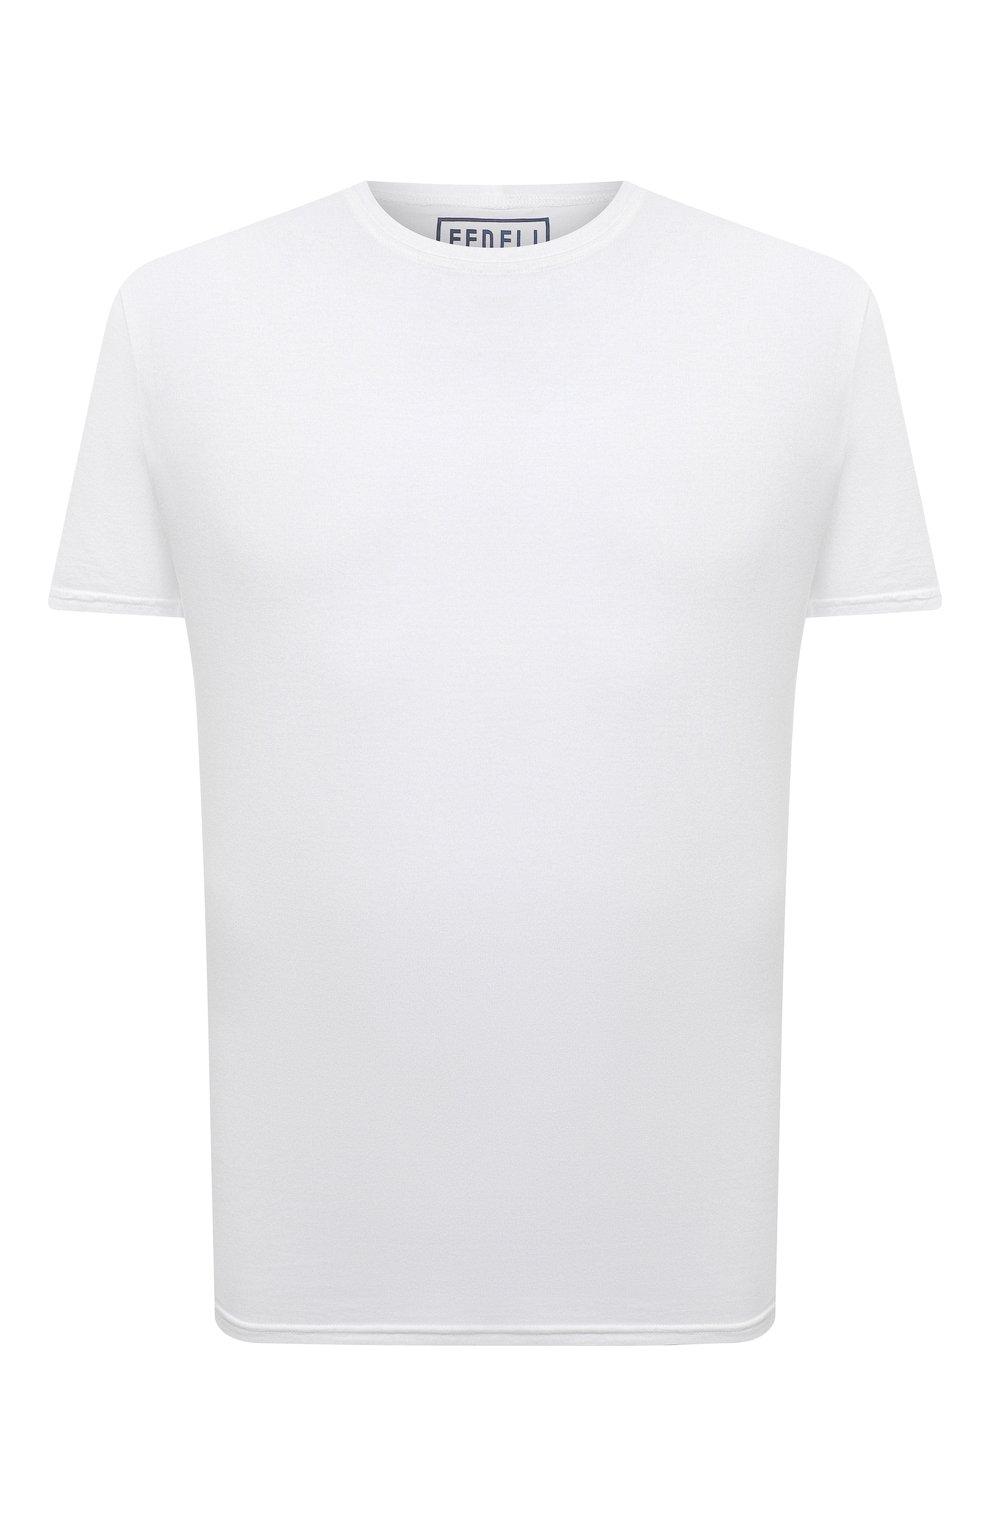 Мужская хлопковая футболка FEDELI белого цвета, арт. 4UEF0113 | Фото 1 (Принт: Без принта; Рукава: Короткие; Длина (для топов): Стандартные; Материал внешний: Хлопок; Стили: Кэжуэл)